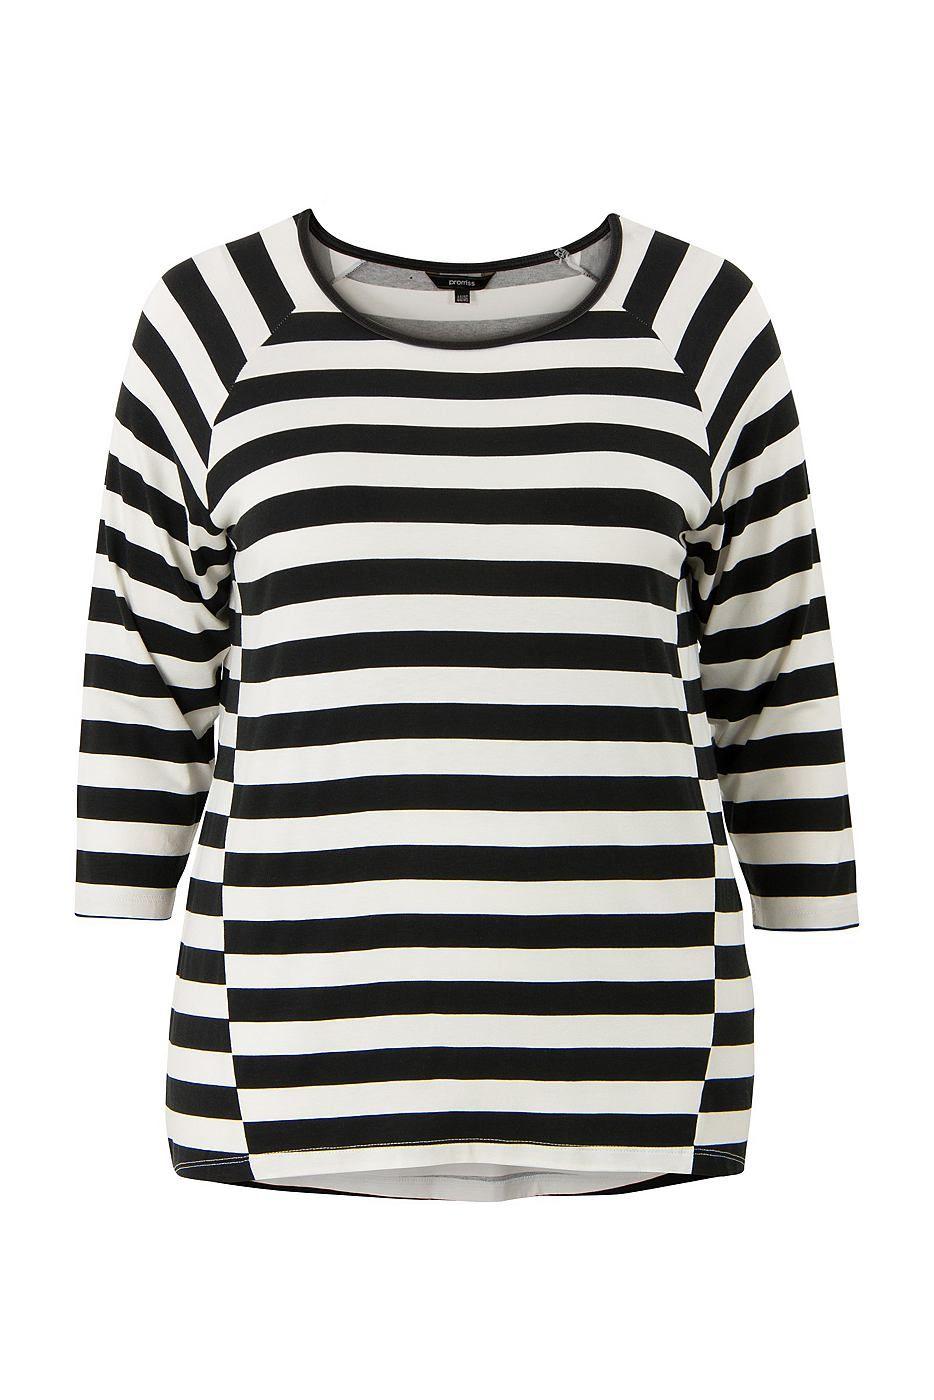 Ringel-Shirt    Shirt mit 3/4-Ärmeln und einem Rundhals-Ausschnitt. Ist mit einem Paspel aus Kunstleder (PU) am Halsausschnitt und abgeschrägten Trennungsnähten am Vorderteil versehen. Dadurch, dass die Streifen am Ärmel und am Vorder- und Rückteil unterschiedlich sind, enthält dieses Shirt ein spielerischen Effekt. Hüftlänge. Länge in Größe 48: 75 cm. Dieser Artikel gehört zu der Promiss Große...